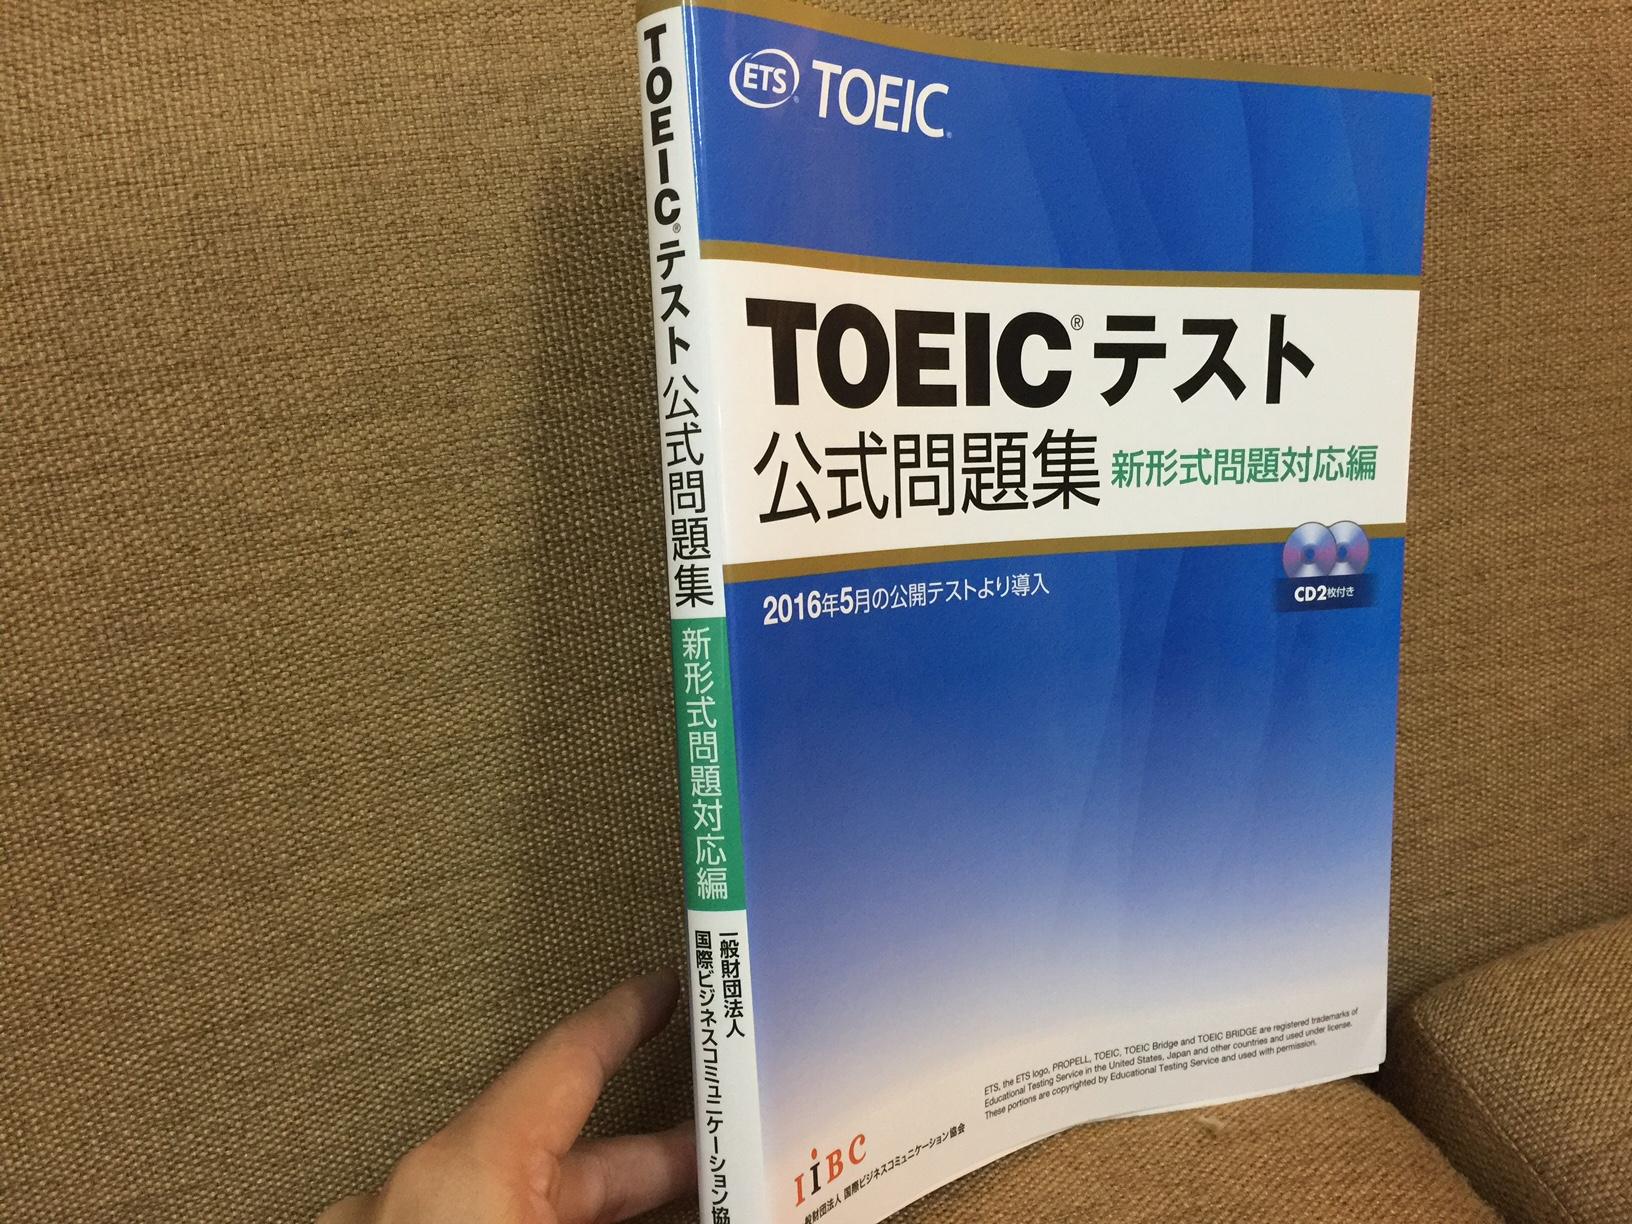 「TOEIC(R)テスト公式問題集 新形式問題対応編」の感想・レビュー②